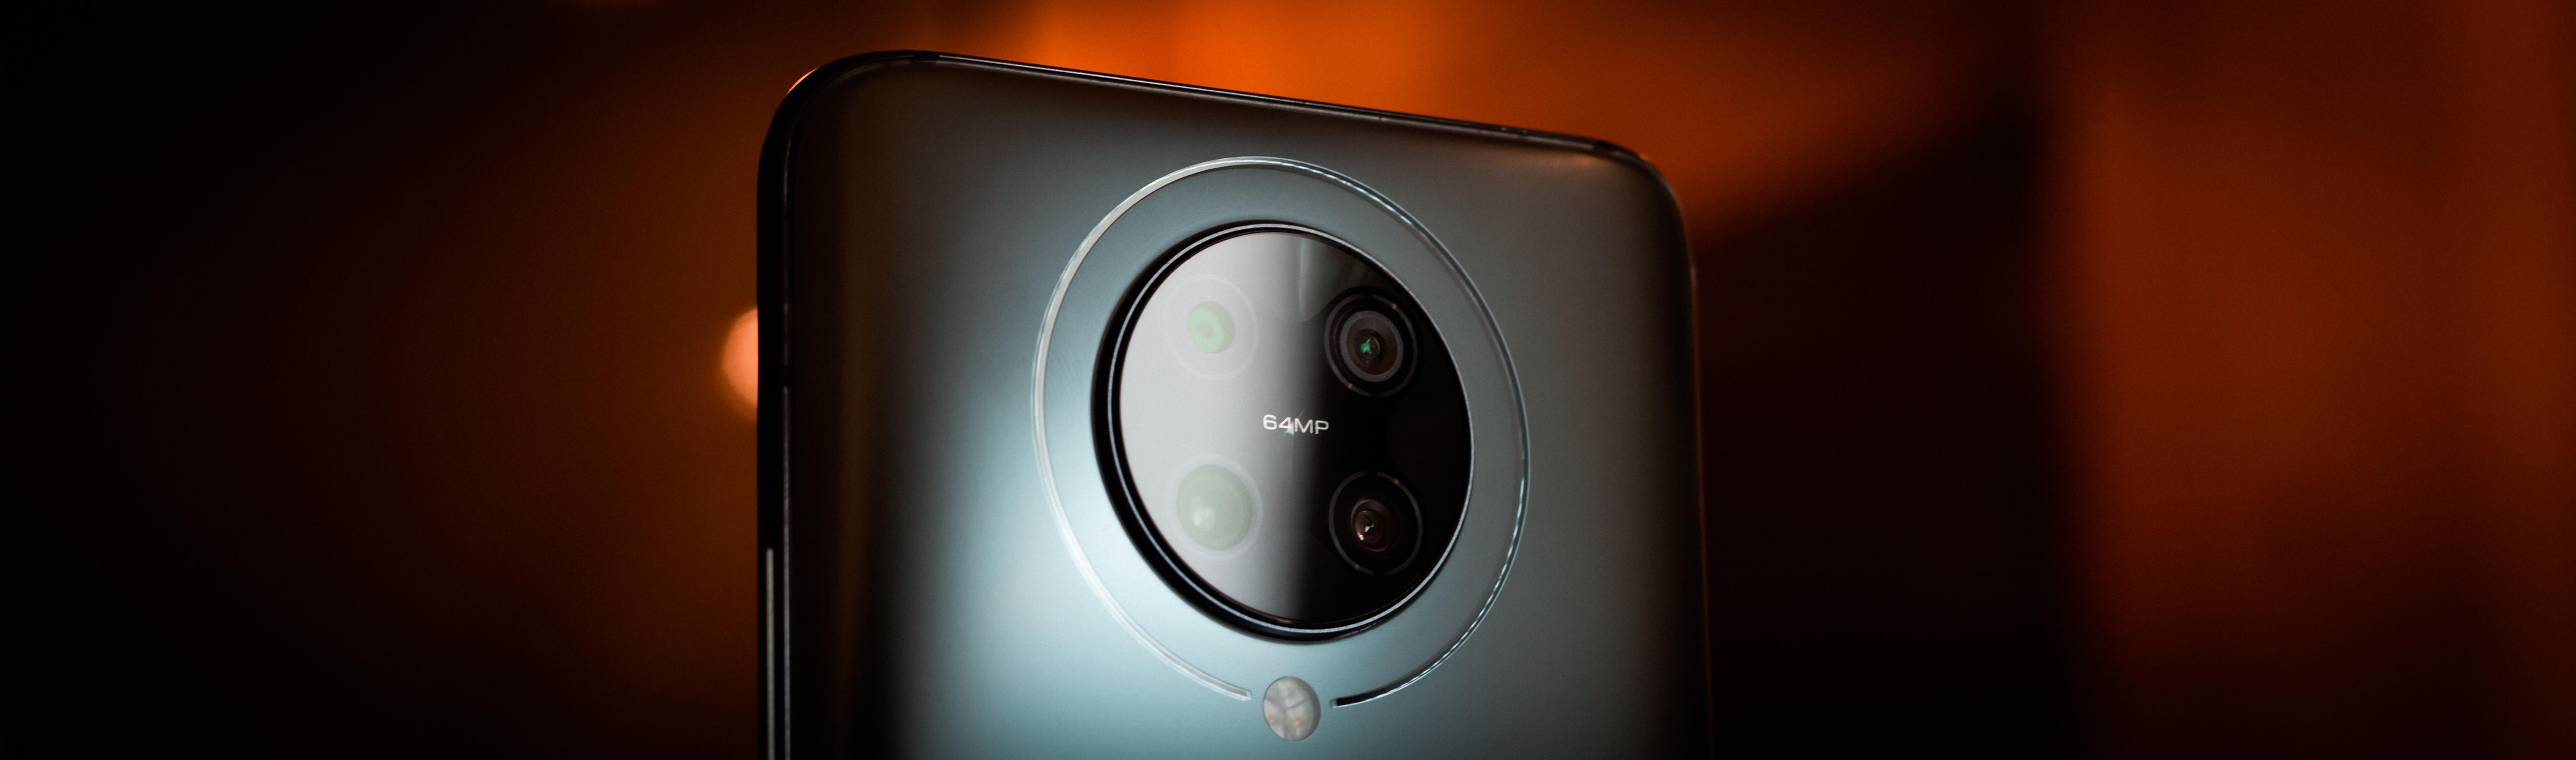 Takie smartfony lubię! Recenzja Poco F2 Pro 17 Poco F2 Pro